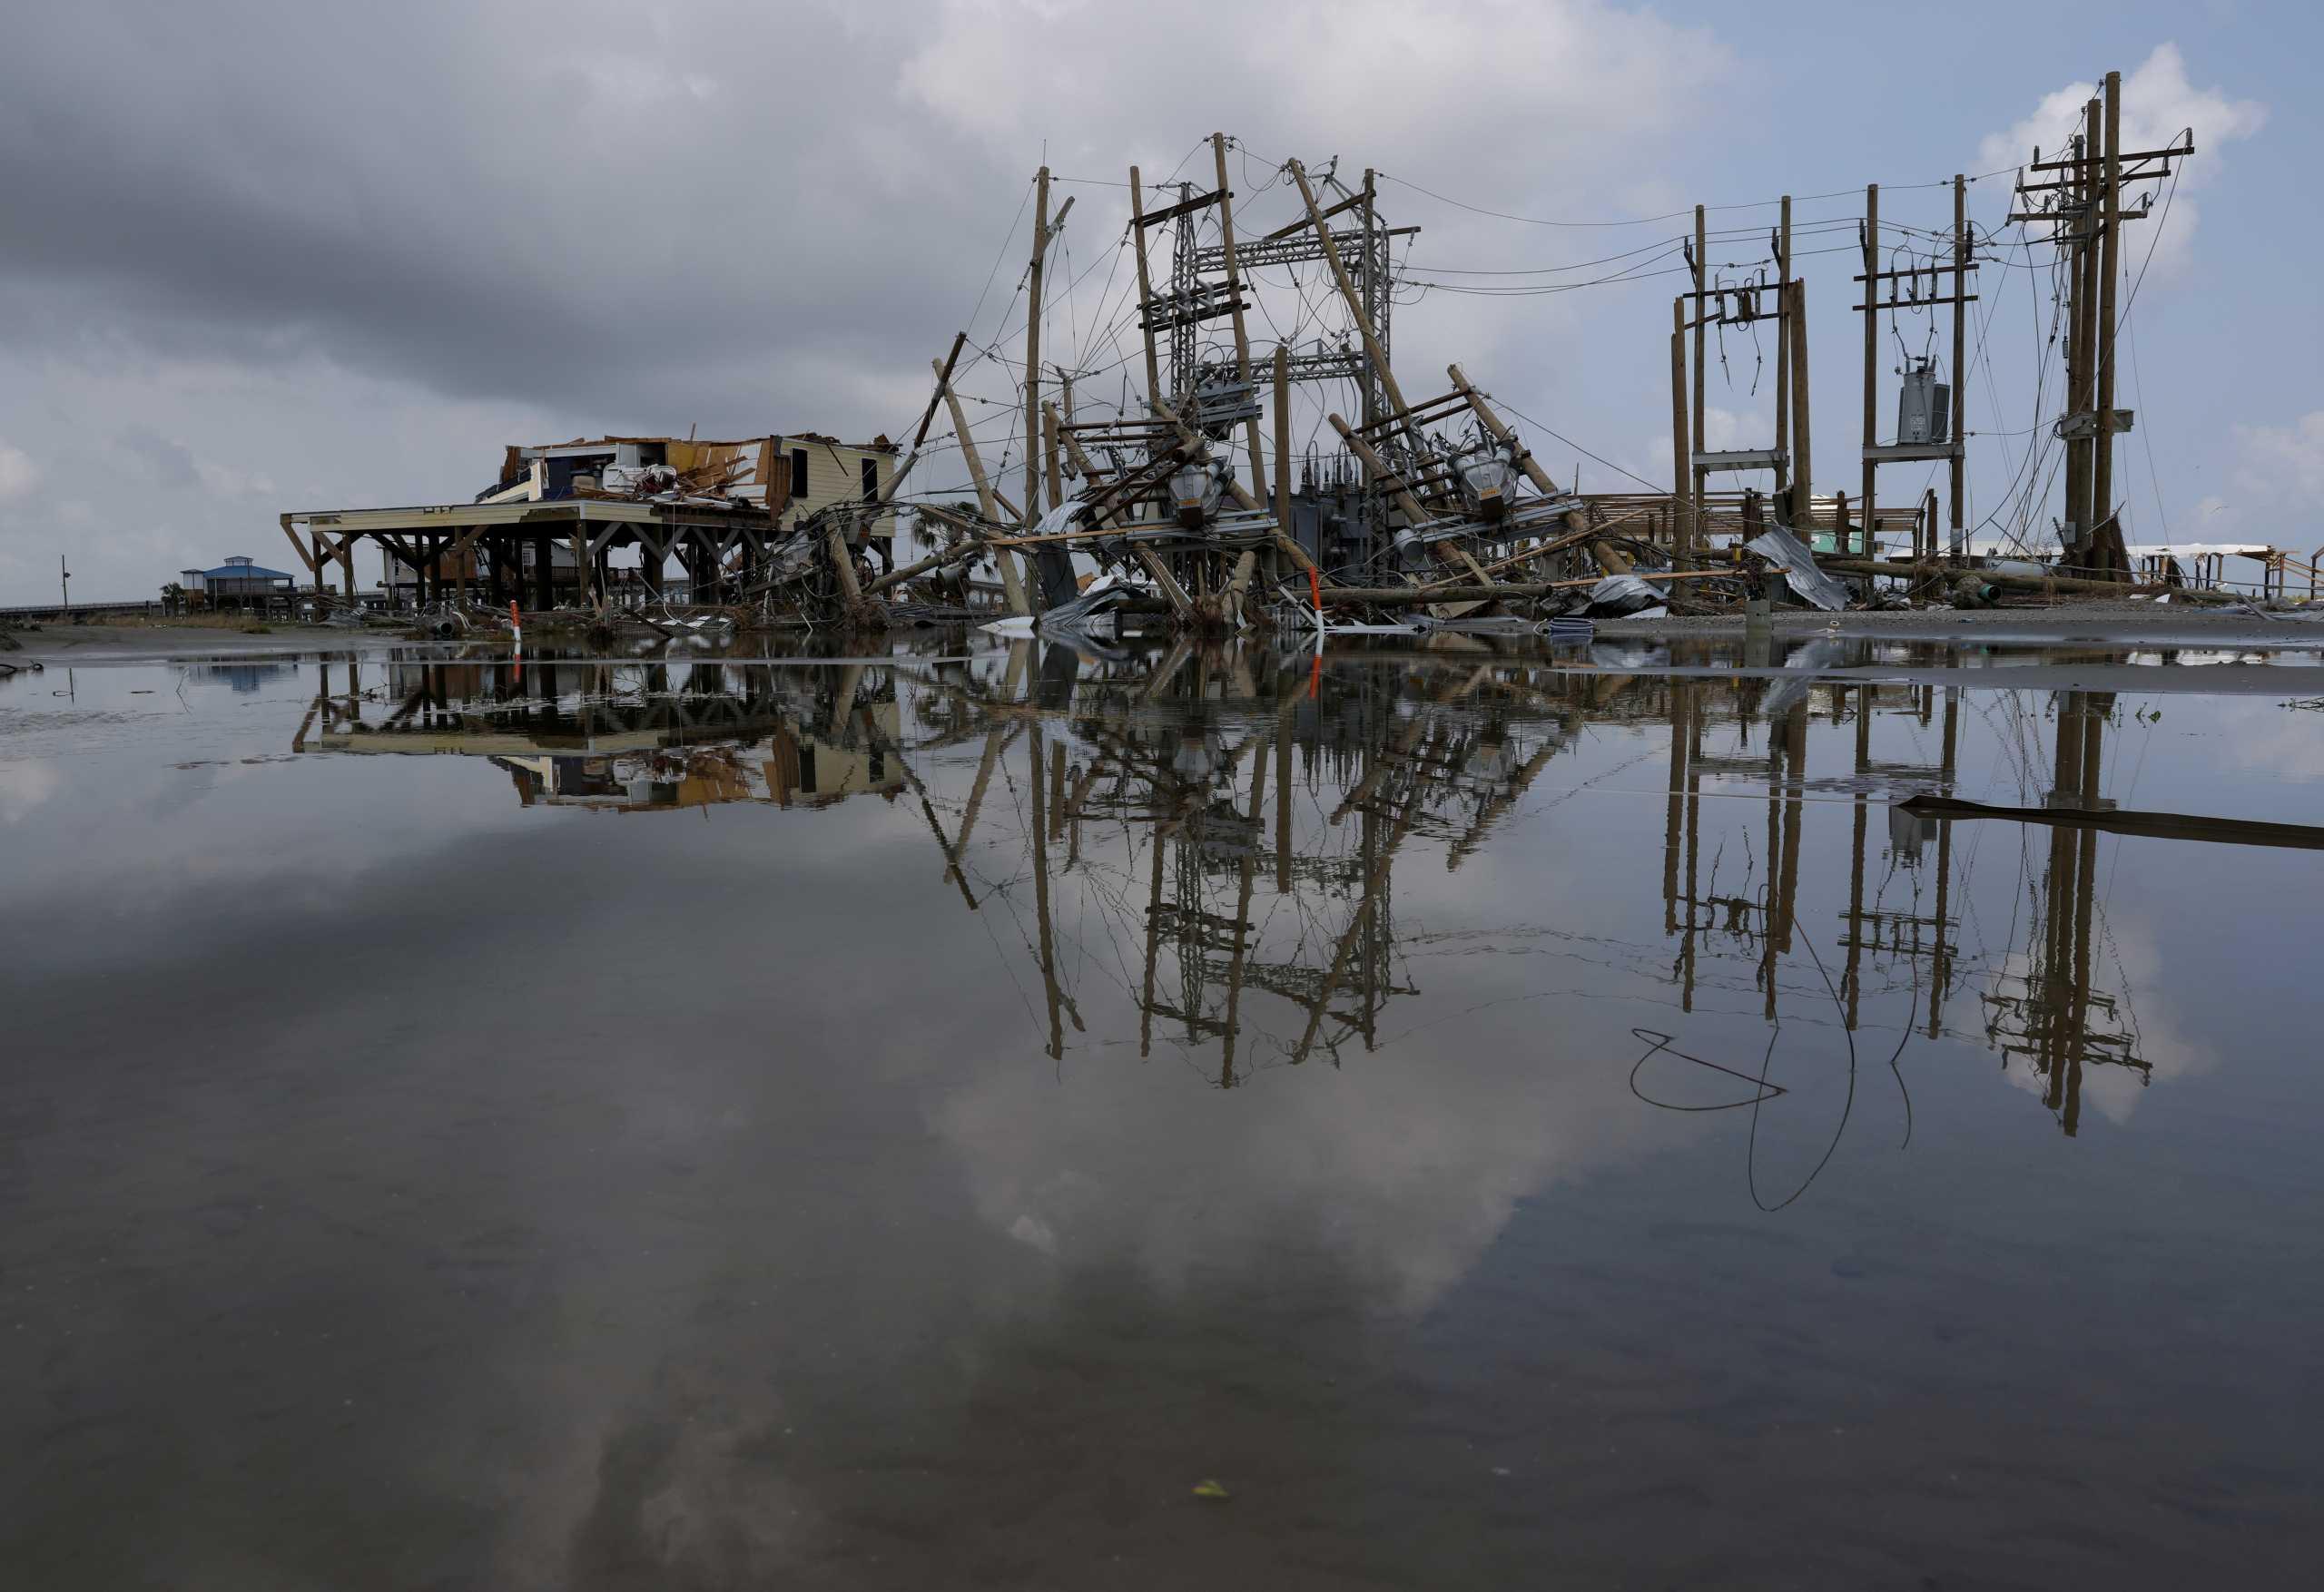 Σαρώνει τις ΗΠΑ ο κυκλώνας Άιντα: Στους 26 οι νεκροί στην Λουιζιάνα